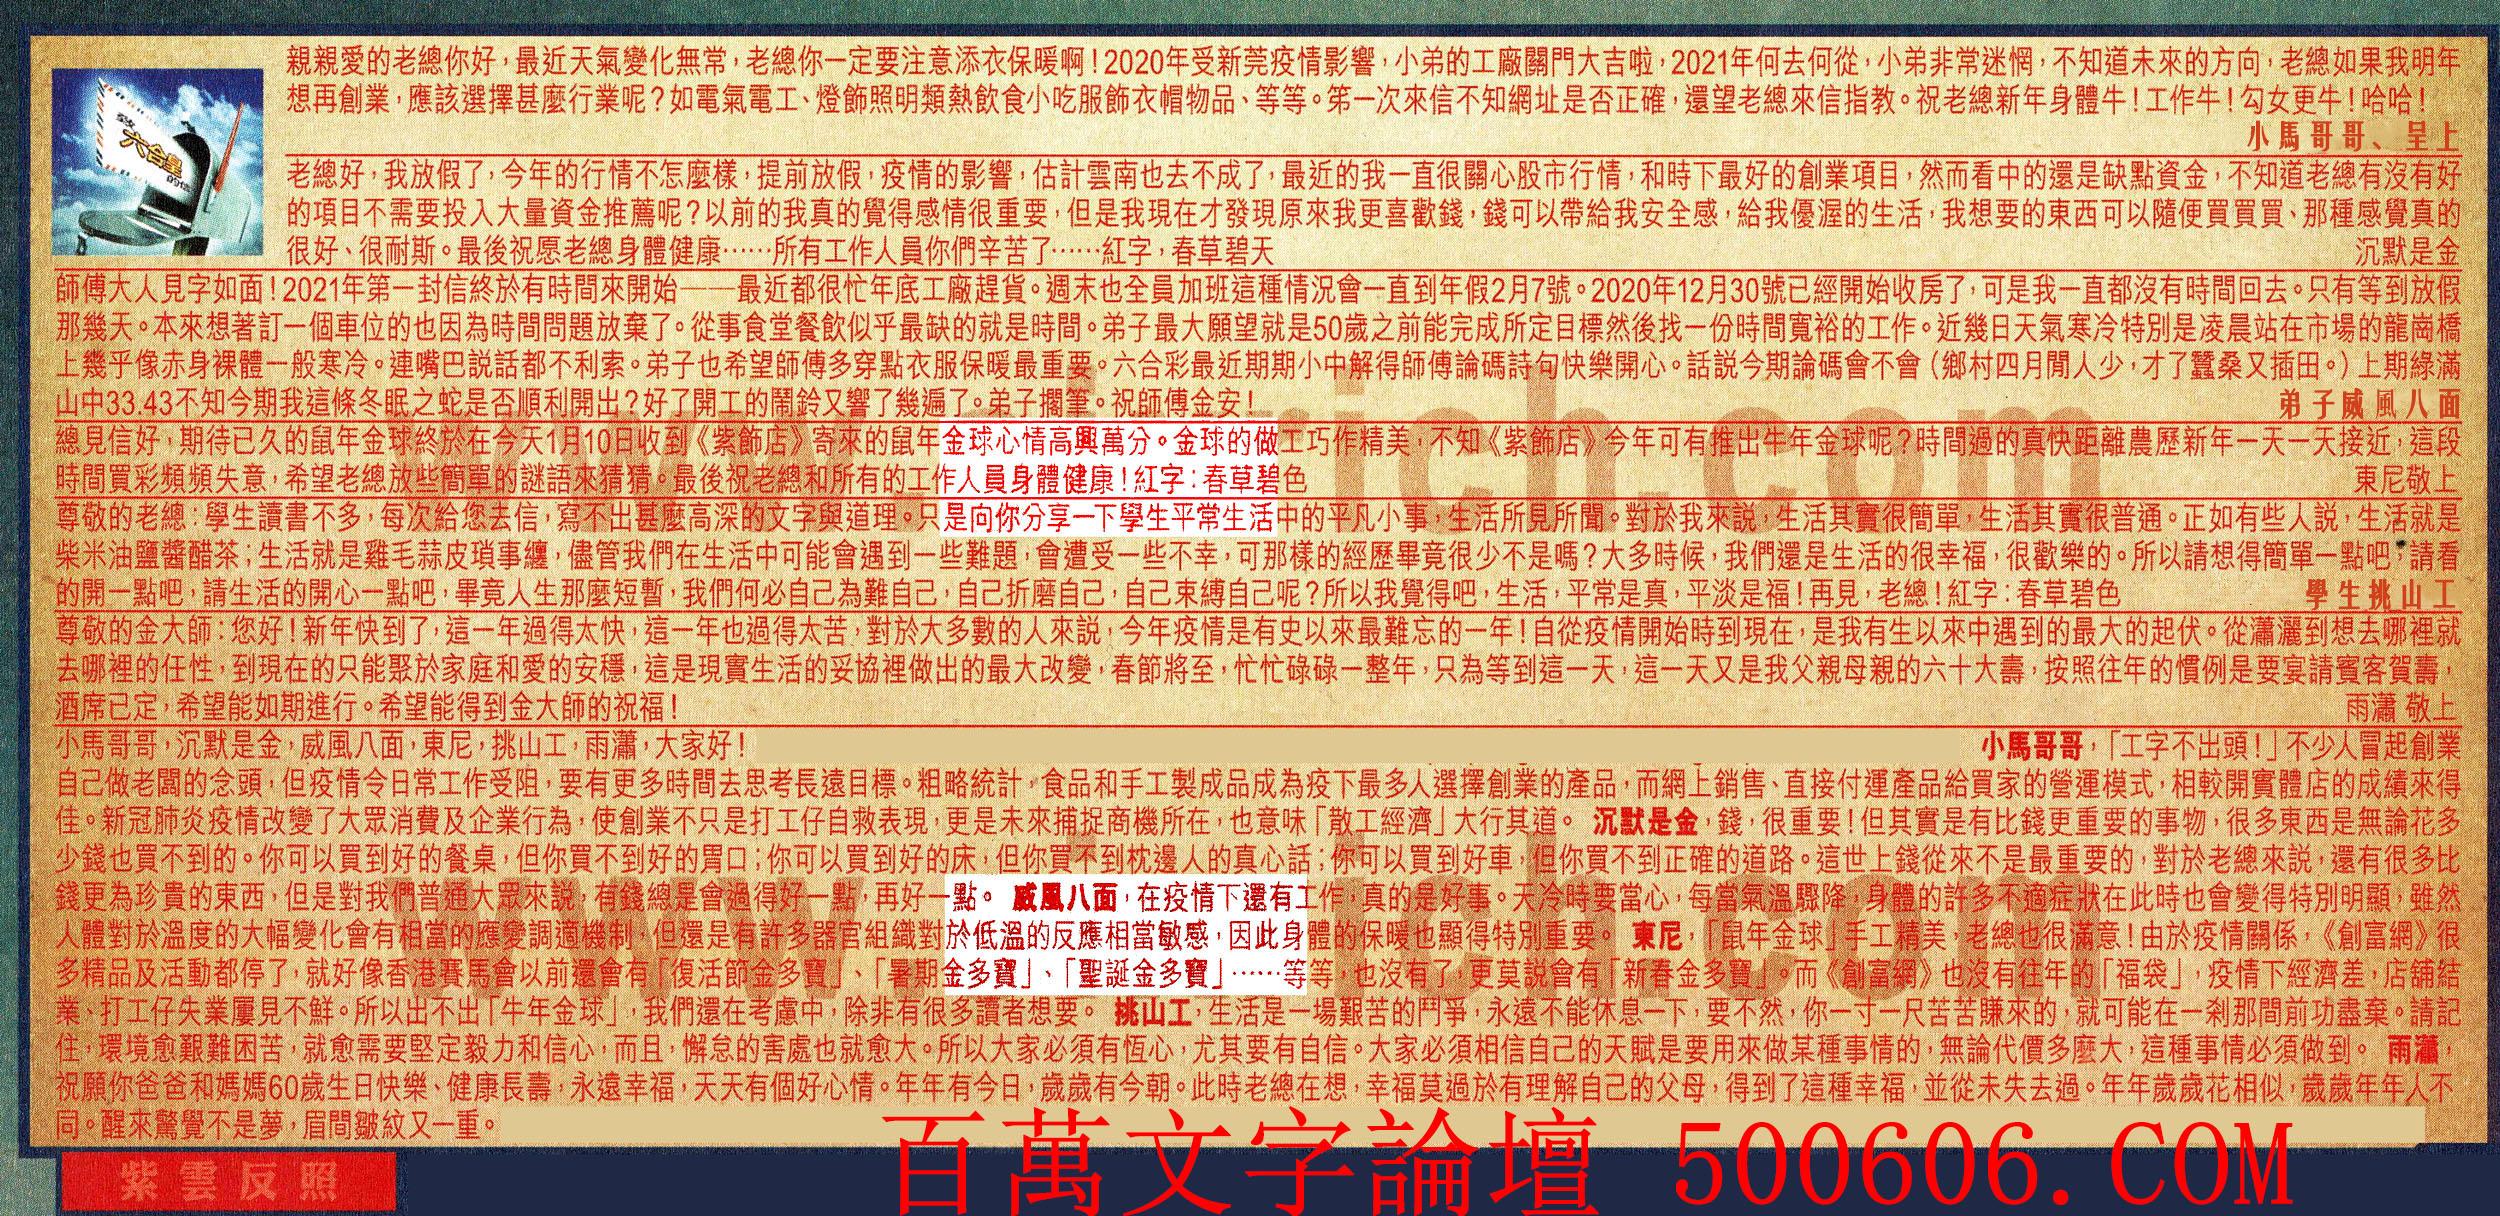 005期:彩民推荐六合皇信箱(�t字:紫�反照) 005期开奖结果:42-41-45-04-24-39-T06羊/绿/金